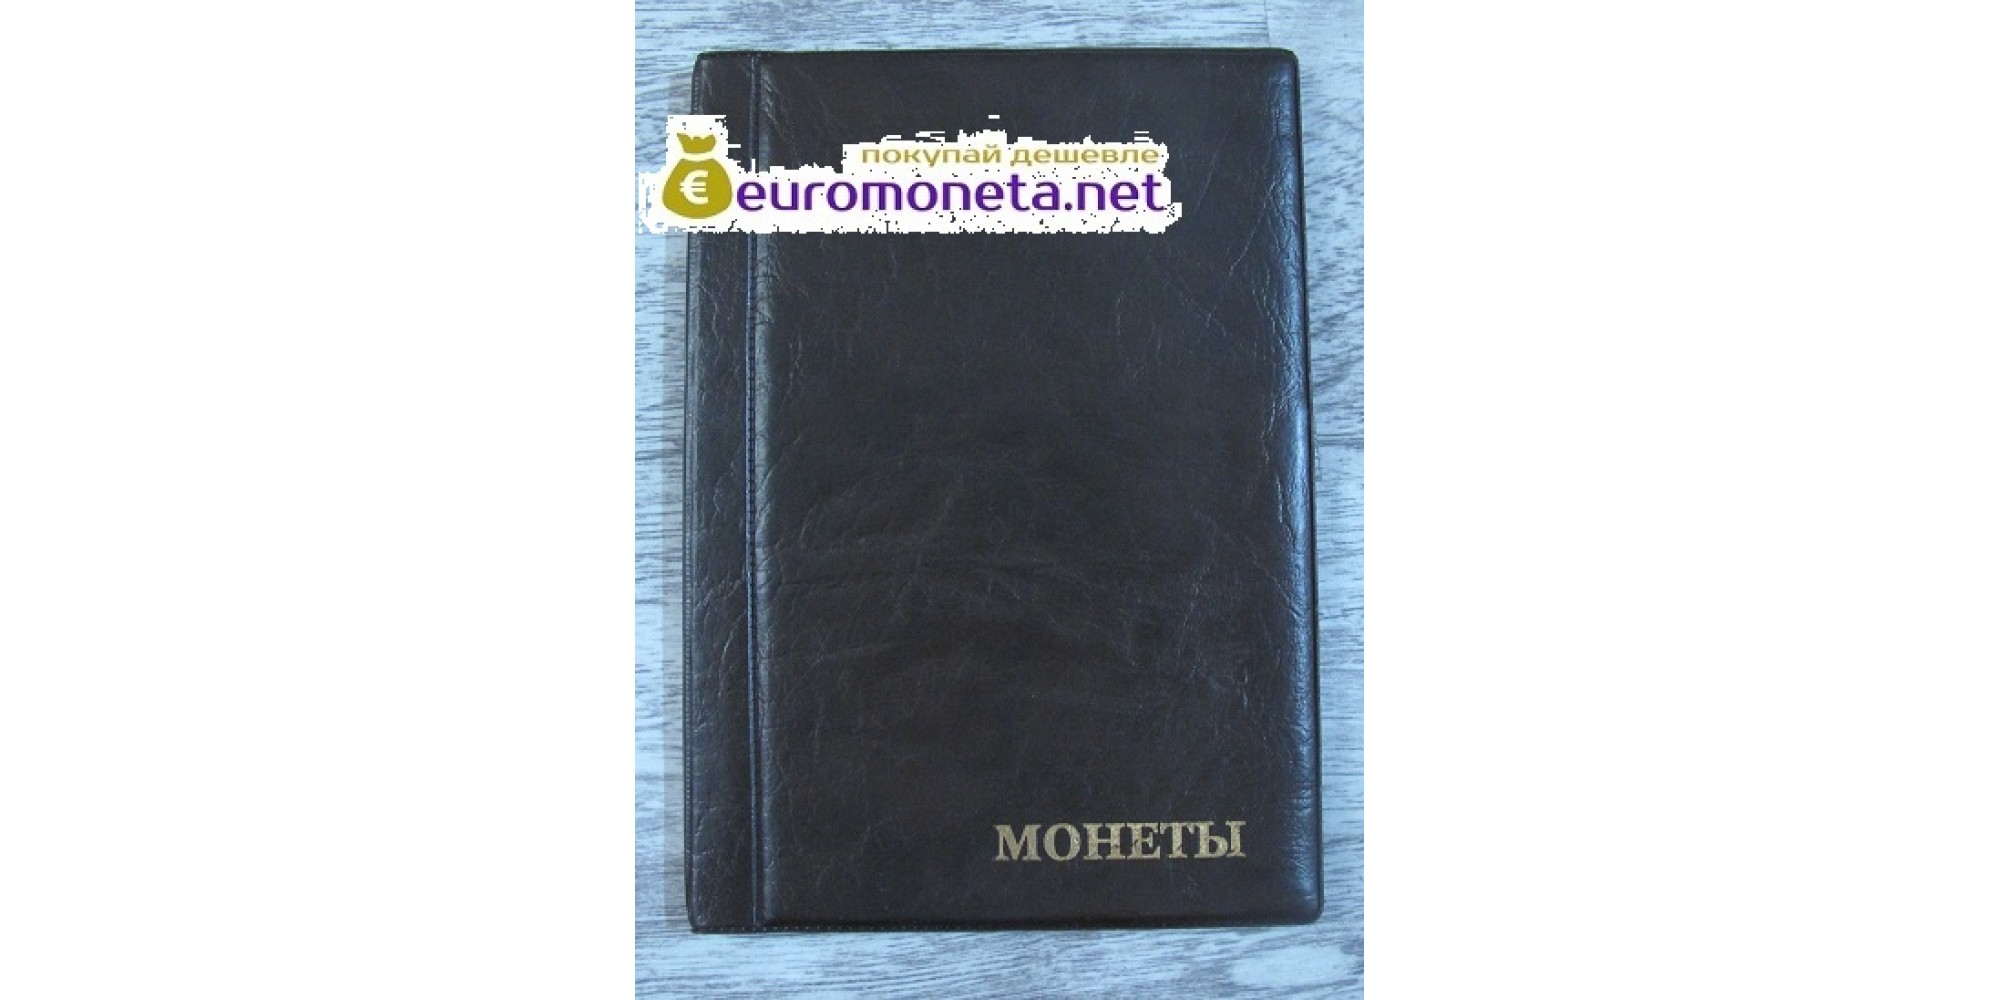 Альбом карманный для монет 138 ячеек кожзам, коричневый, пр-во Россия